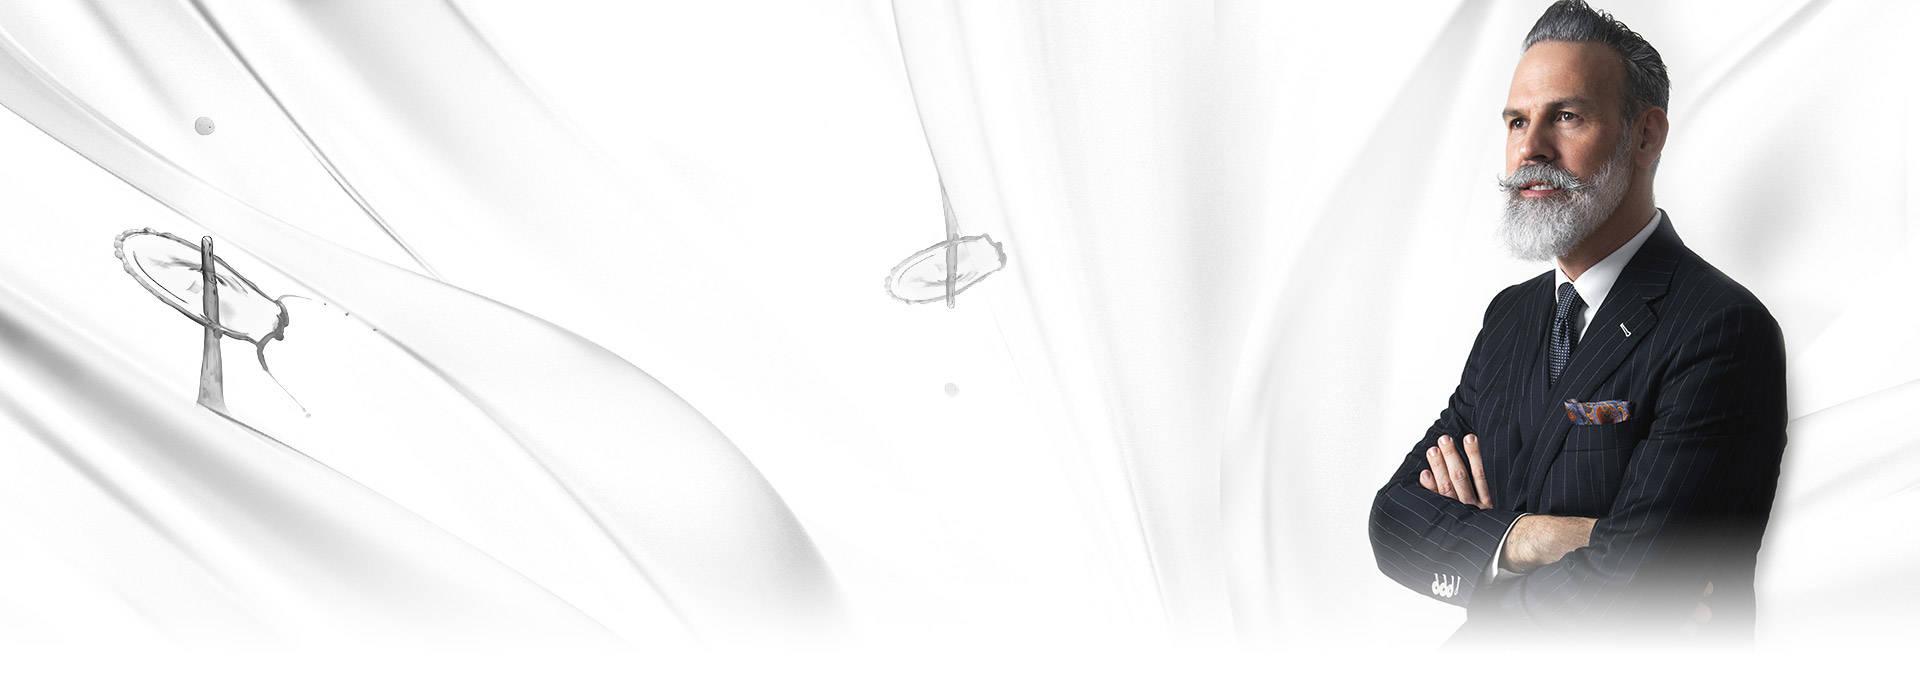 karta-produktu_MAESTRO_PLUS-plastry-0